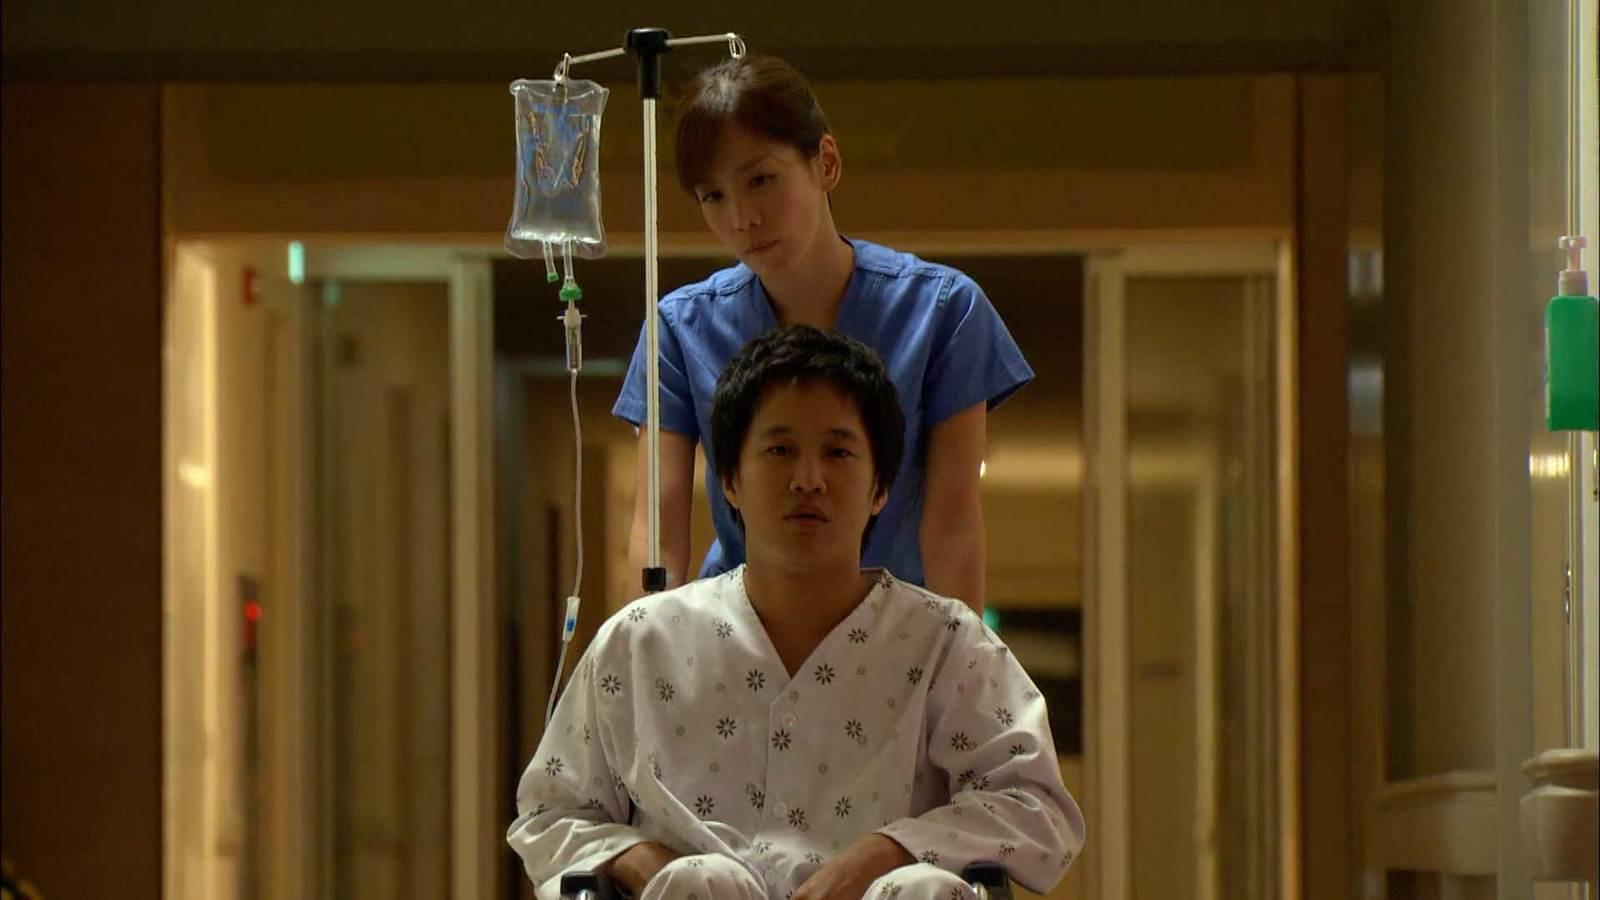 General Hospital Episode 4: Episode 4